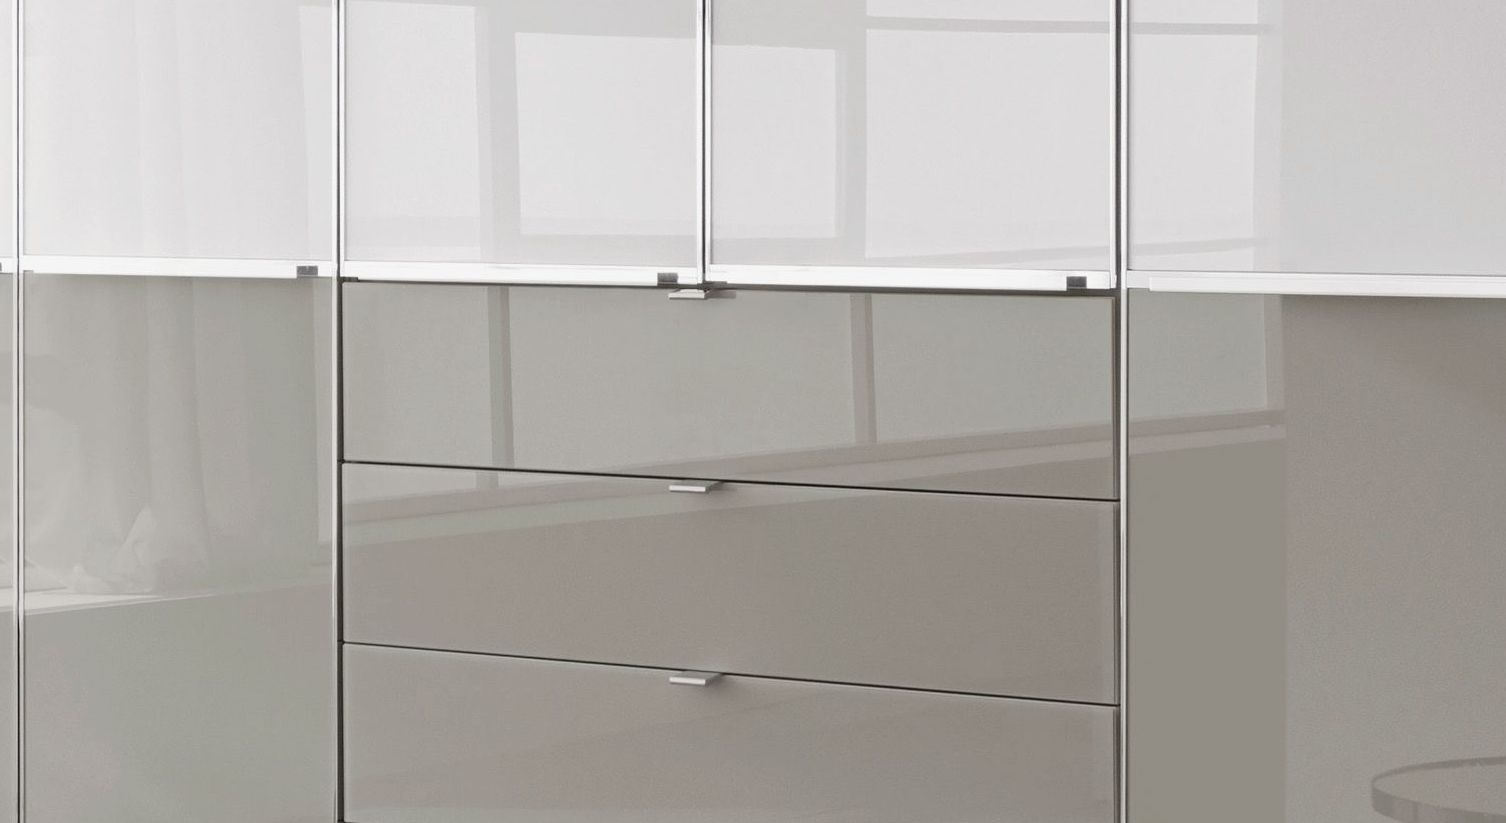 Funktions-Kleiderschrank Shanvalley mit leichtgängigen Schubladen